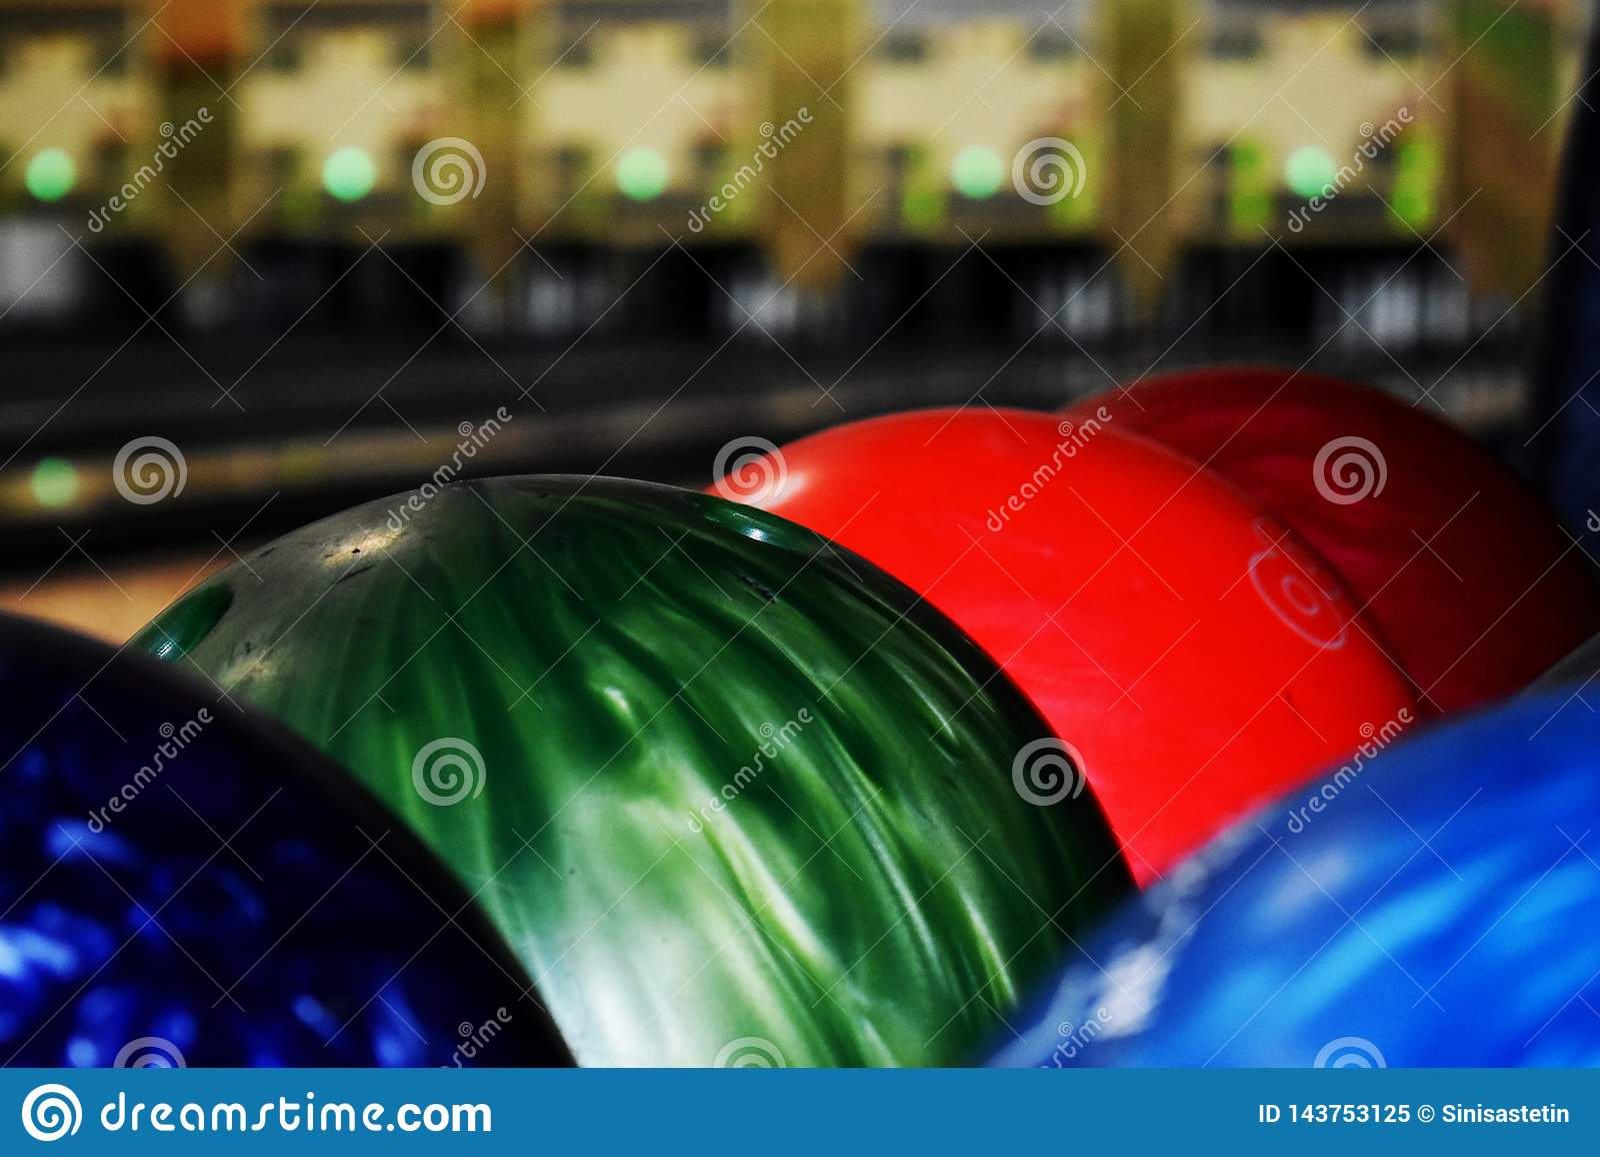 Röda gröna blåa bowlingklot